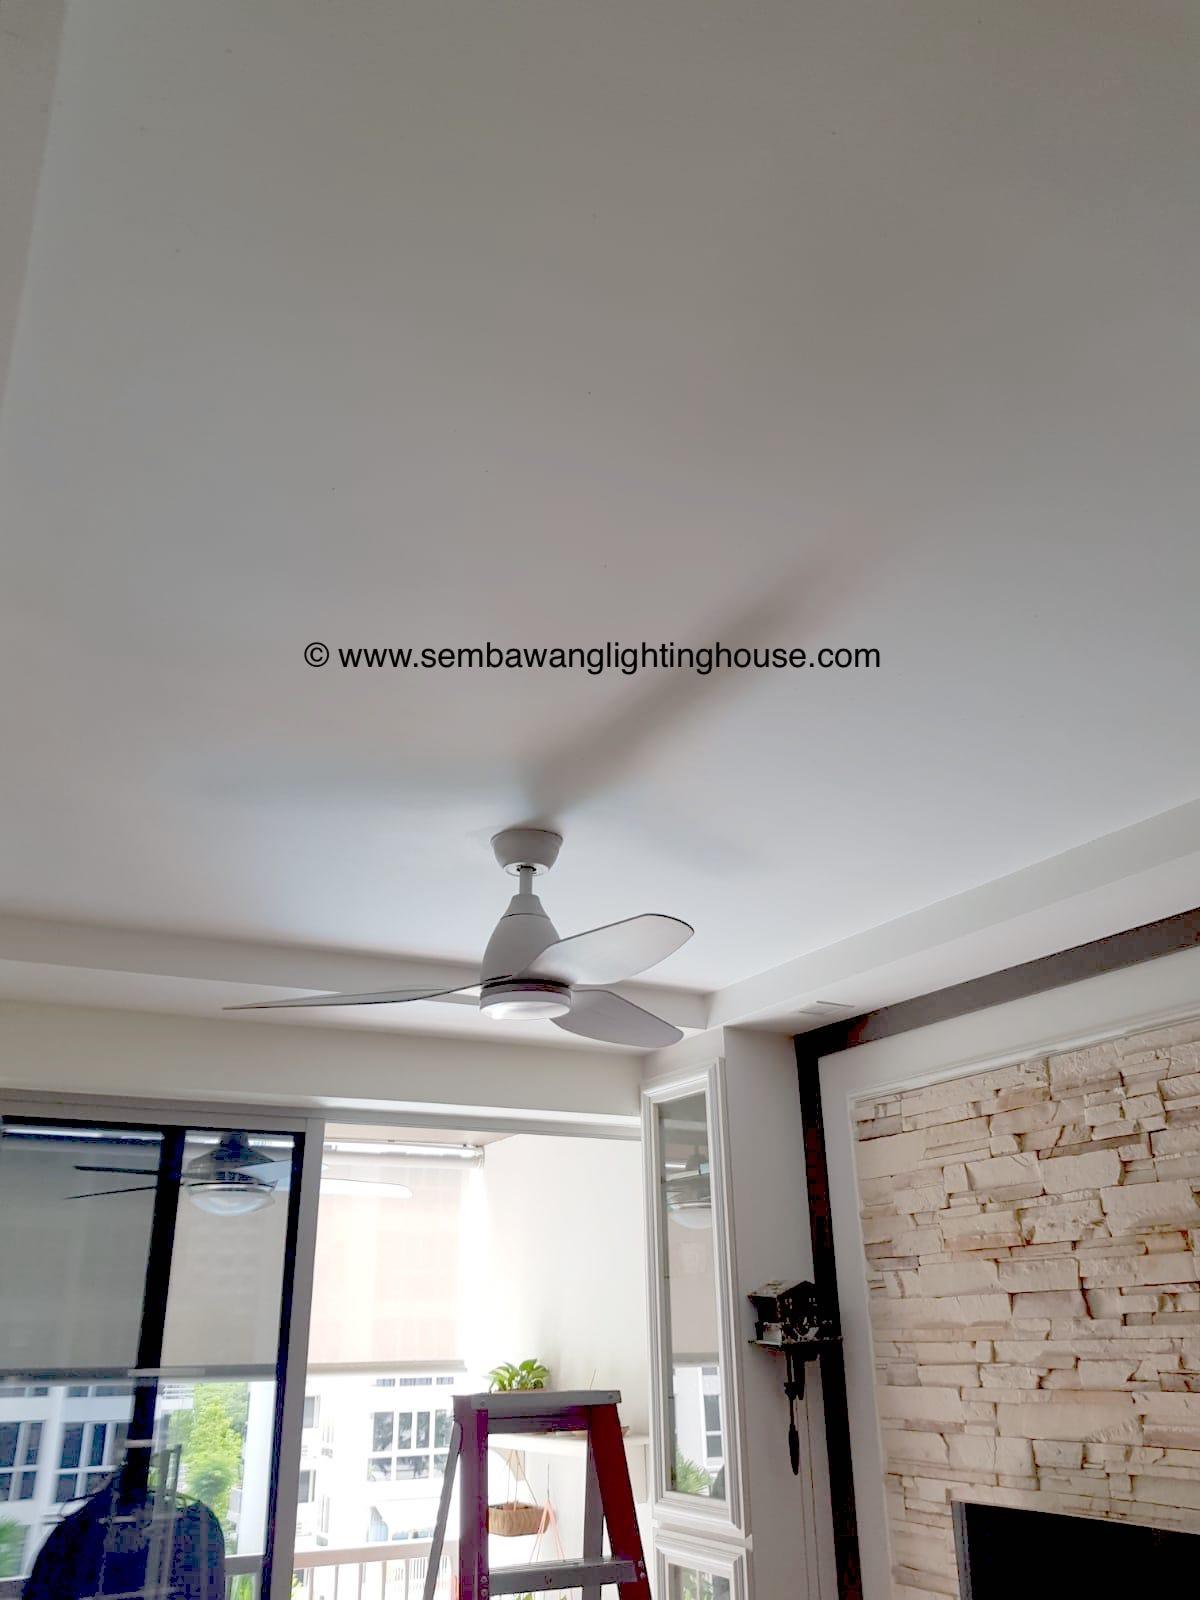 sample-02-acorn-dc325-white-ceiling-fan-sample-sembawang-lighting-house-.jpg